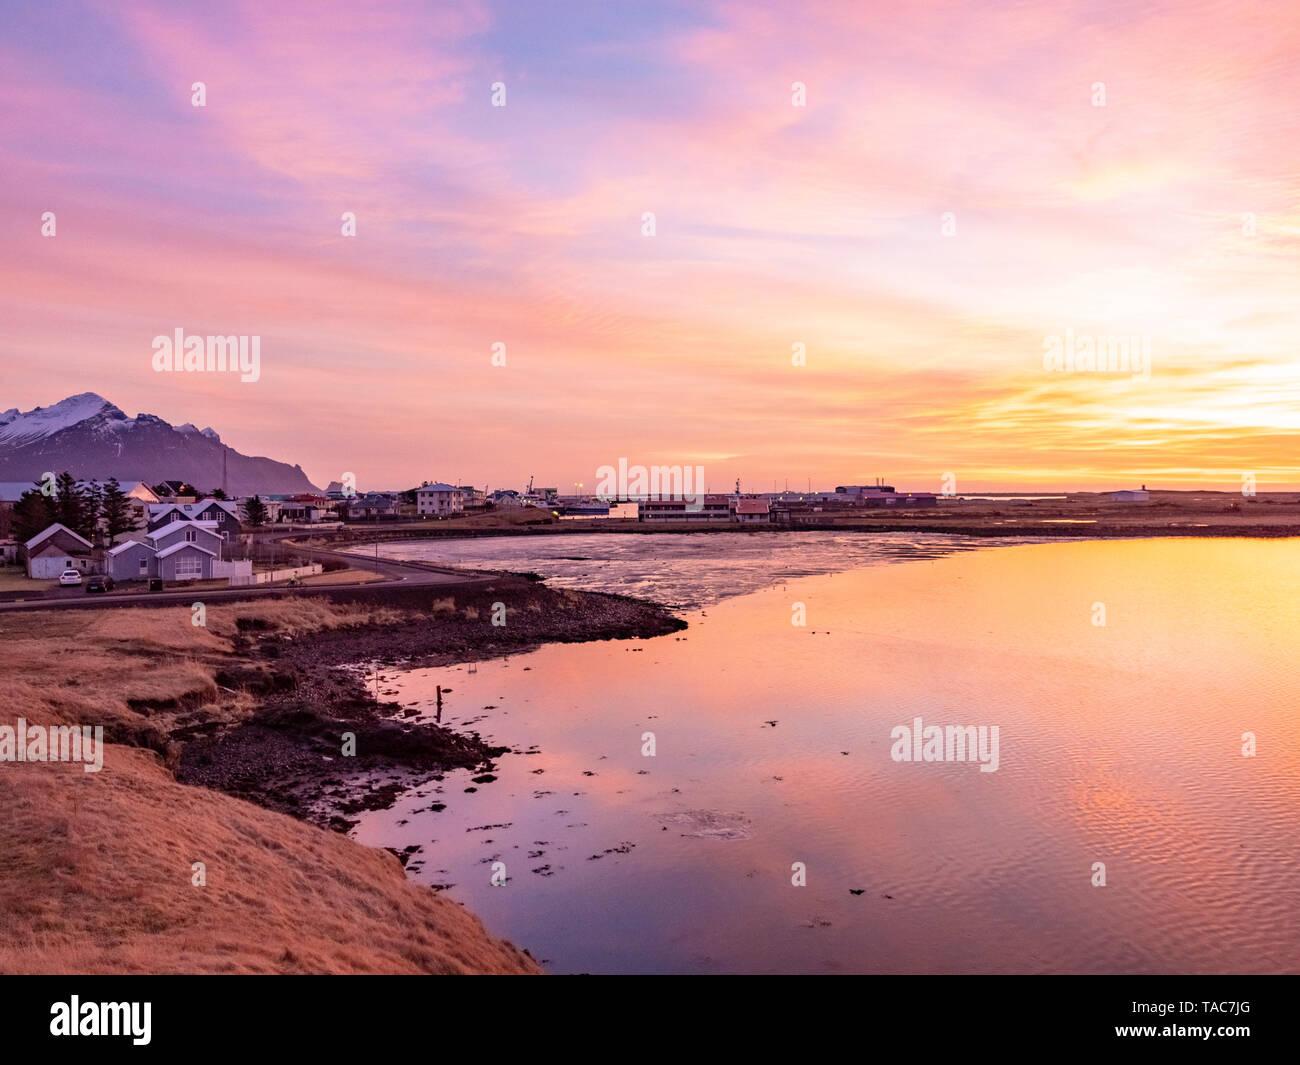 Iceland, Hoefn, townscape at sunrise - Stock Image